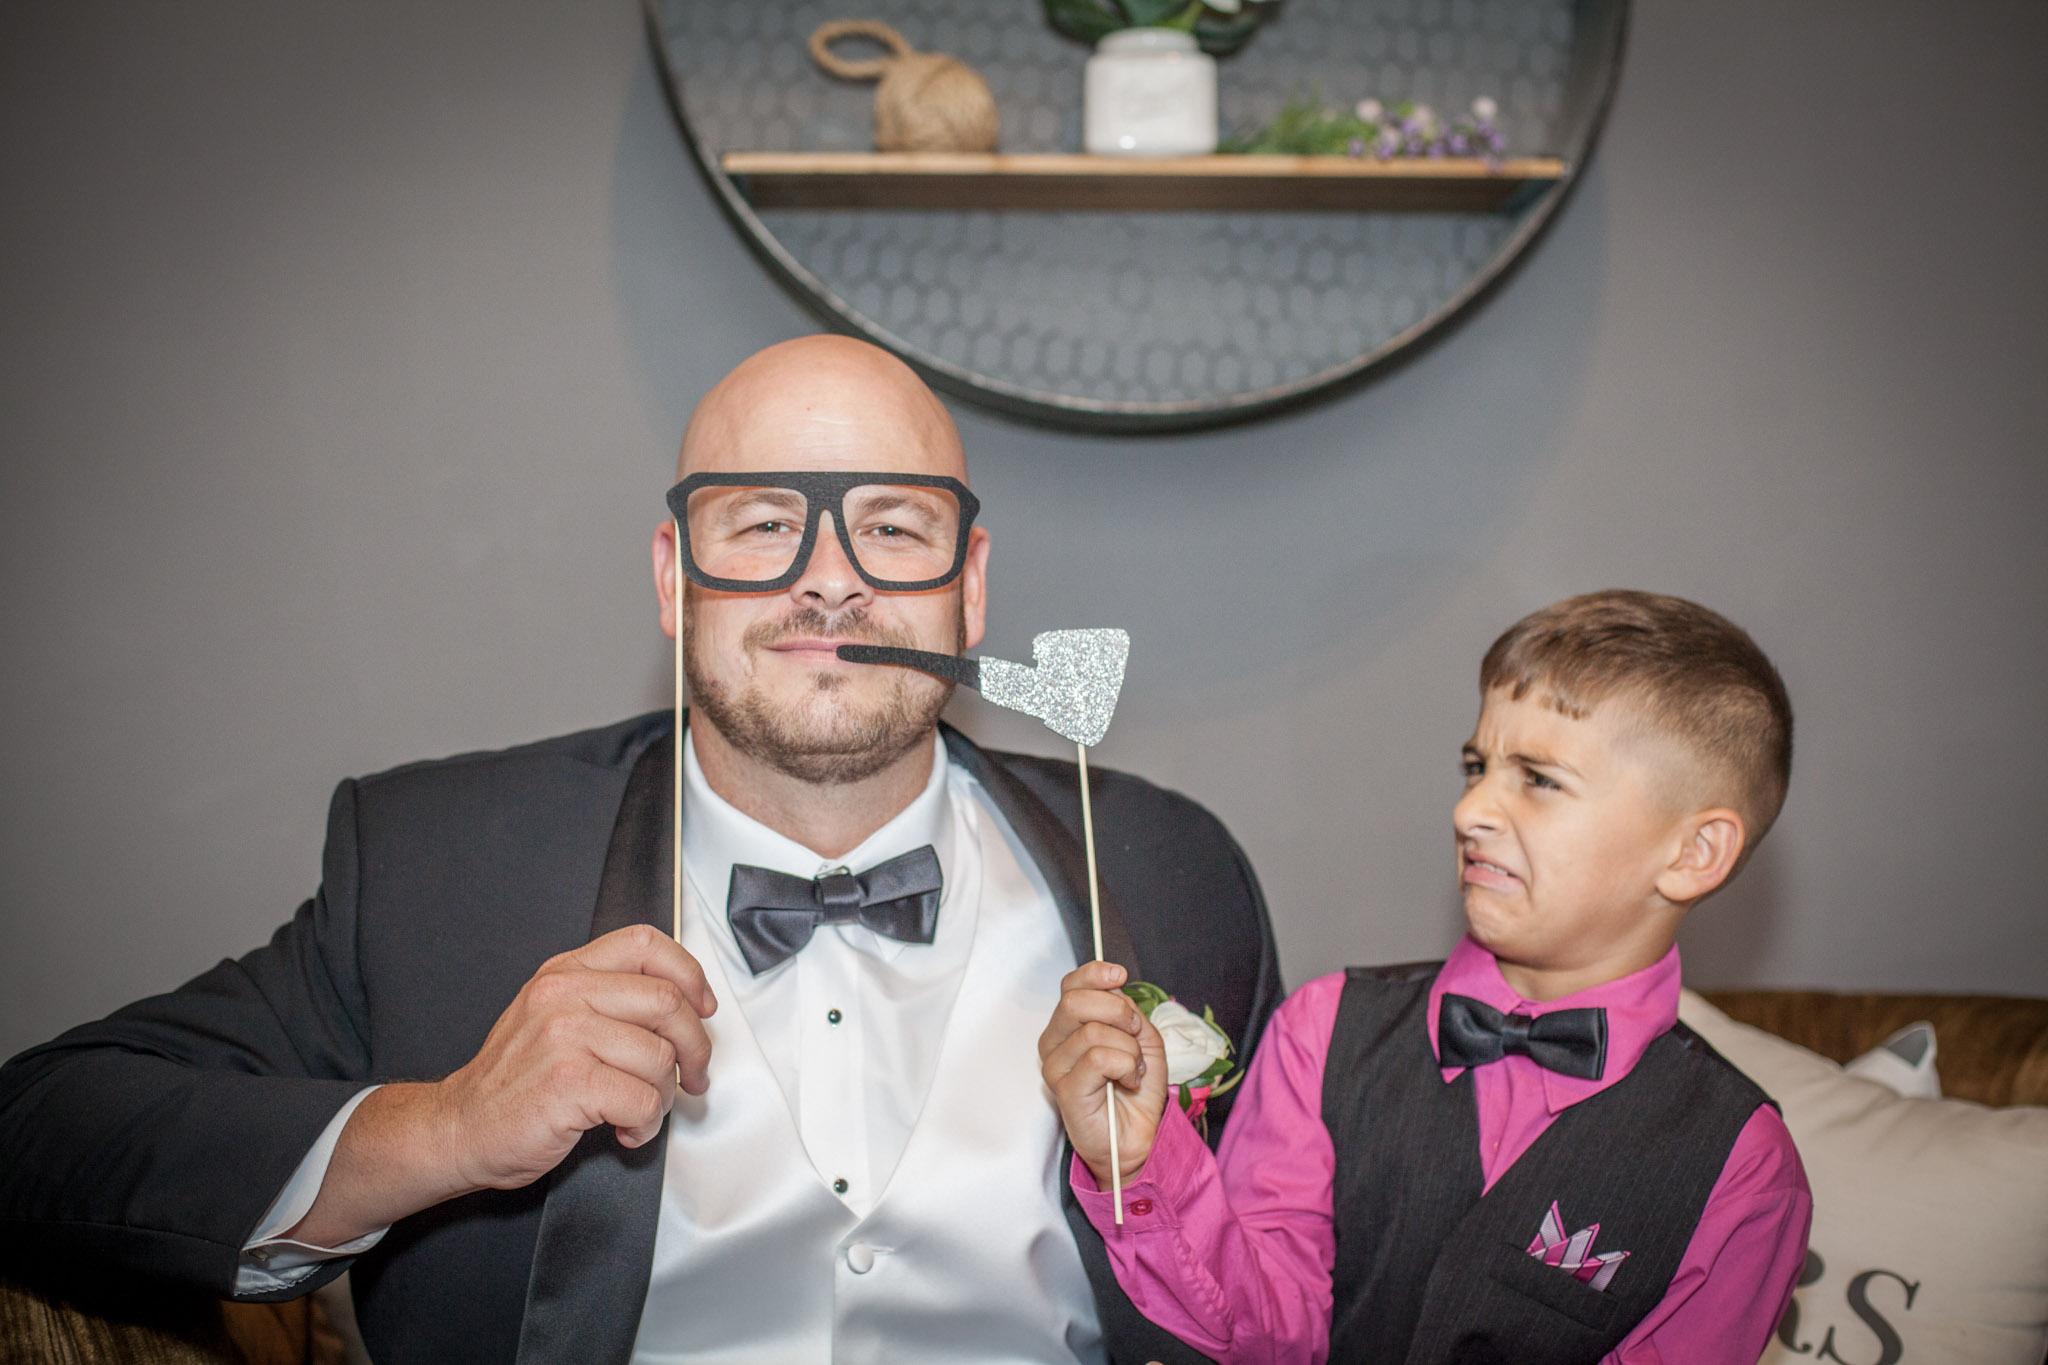 Kansas+City-Small+Wedding-Elope_Intimate_Ceremony_Melanie+David-22.jpg